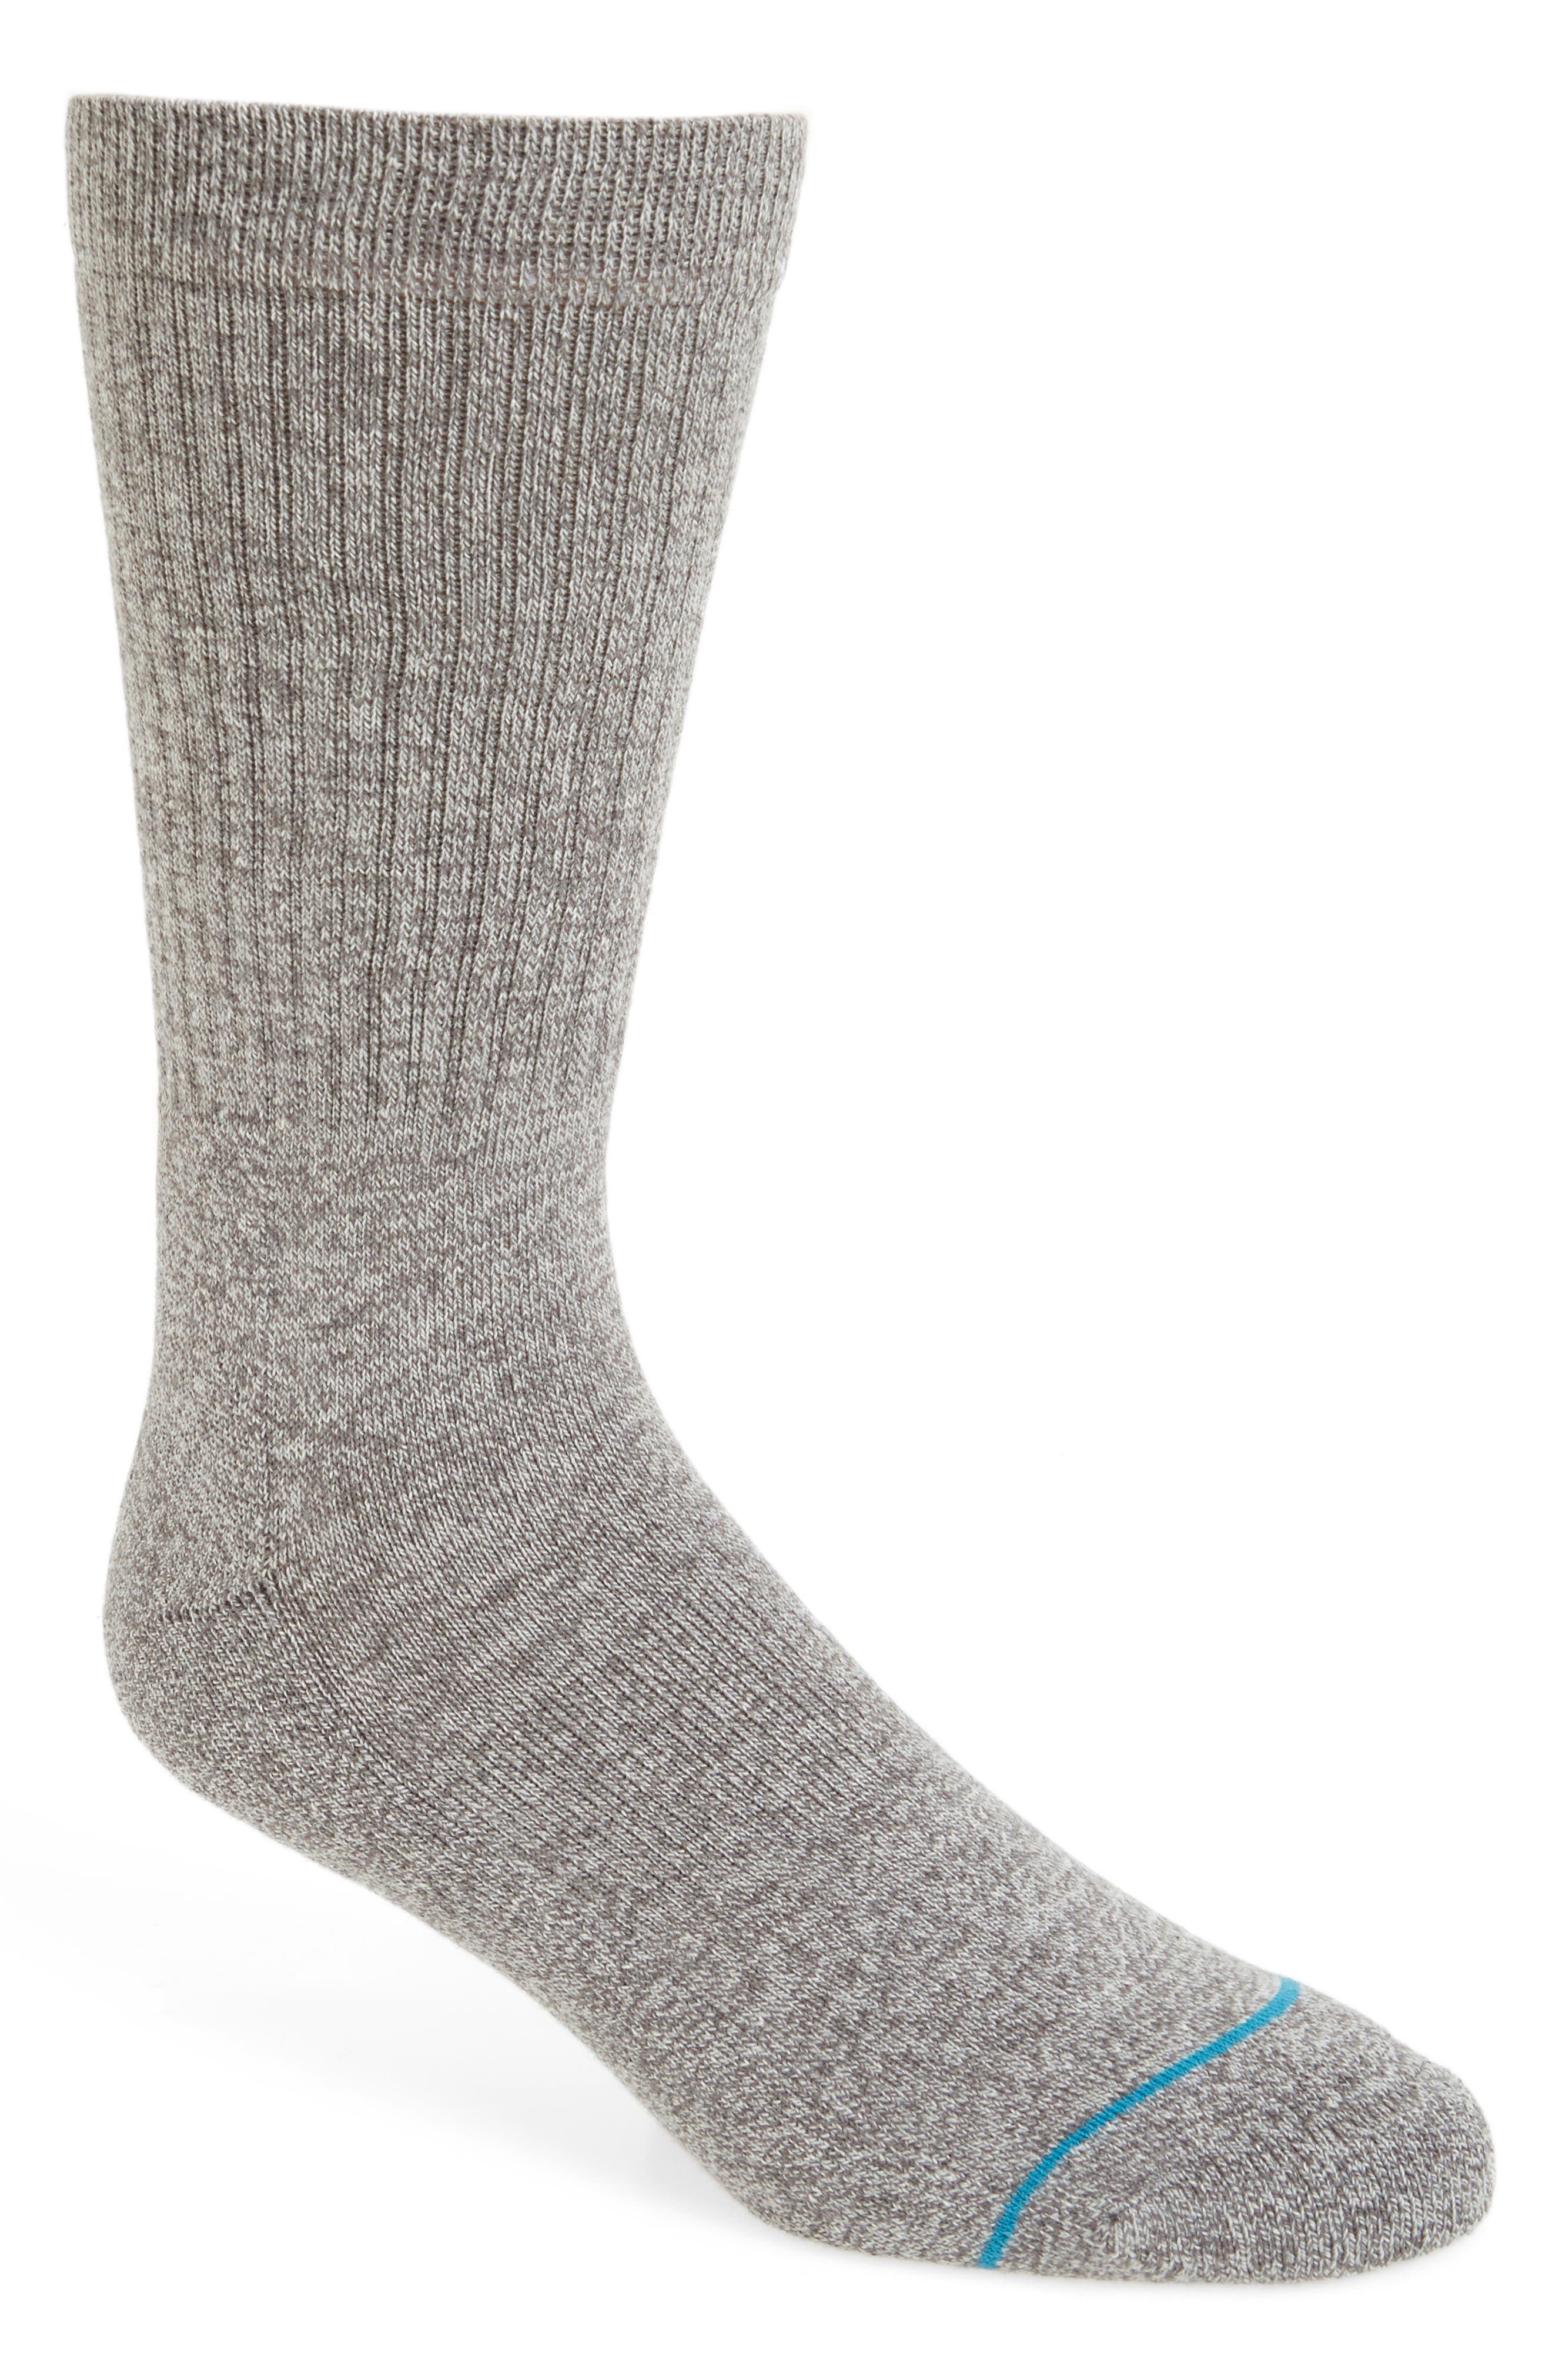 'Icon' Athletic Socks,                         Main,                         color, GREY HEATH